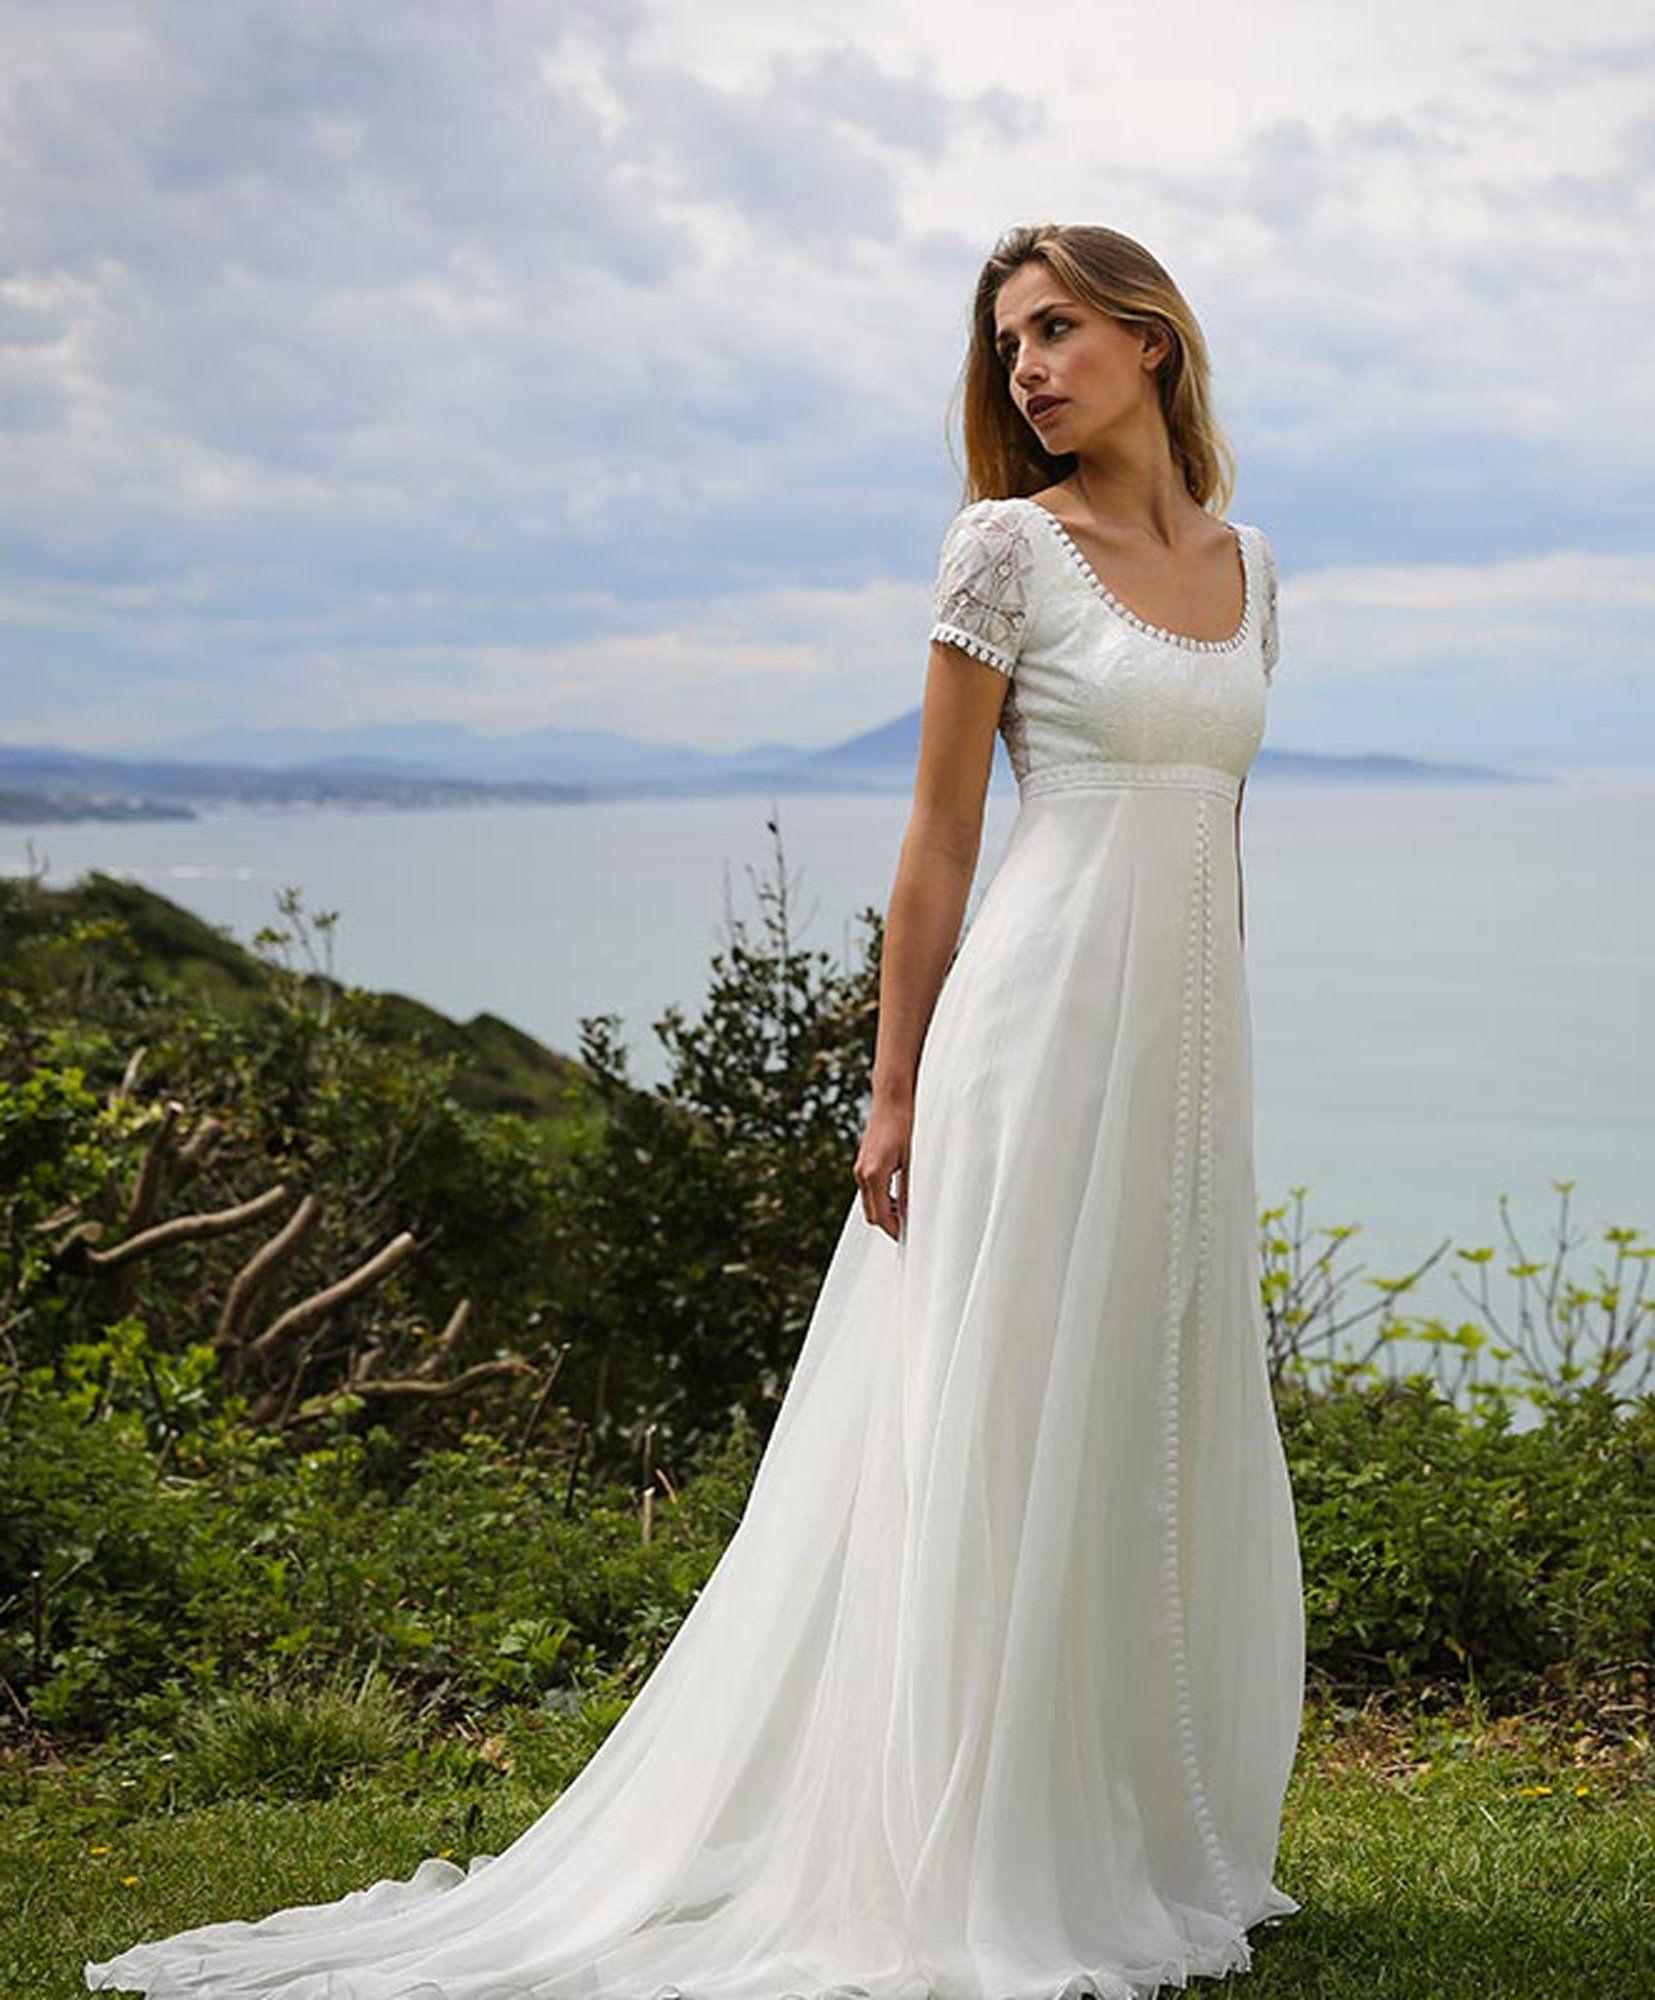 Die Schönsten Brautkleider 2020  Brautkleid Vintage